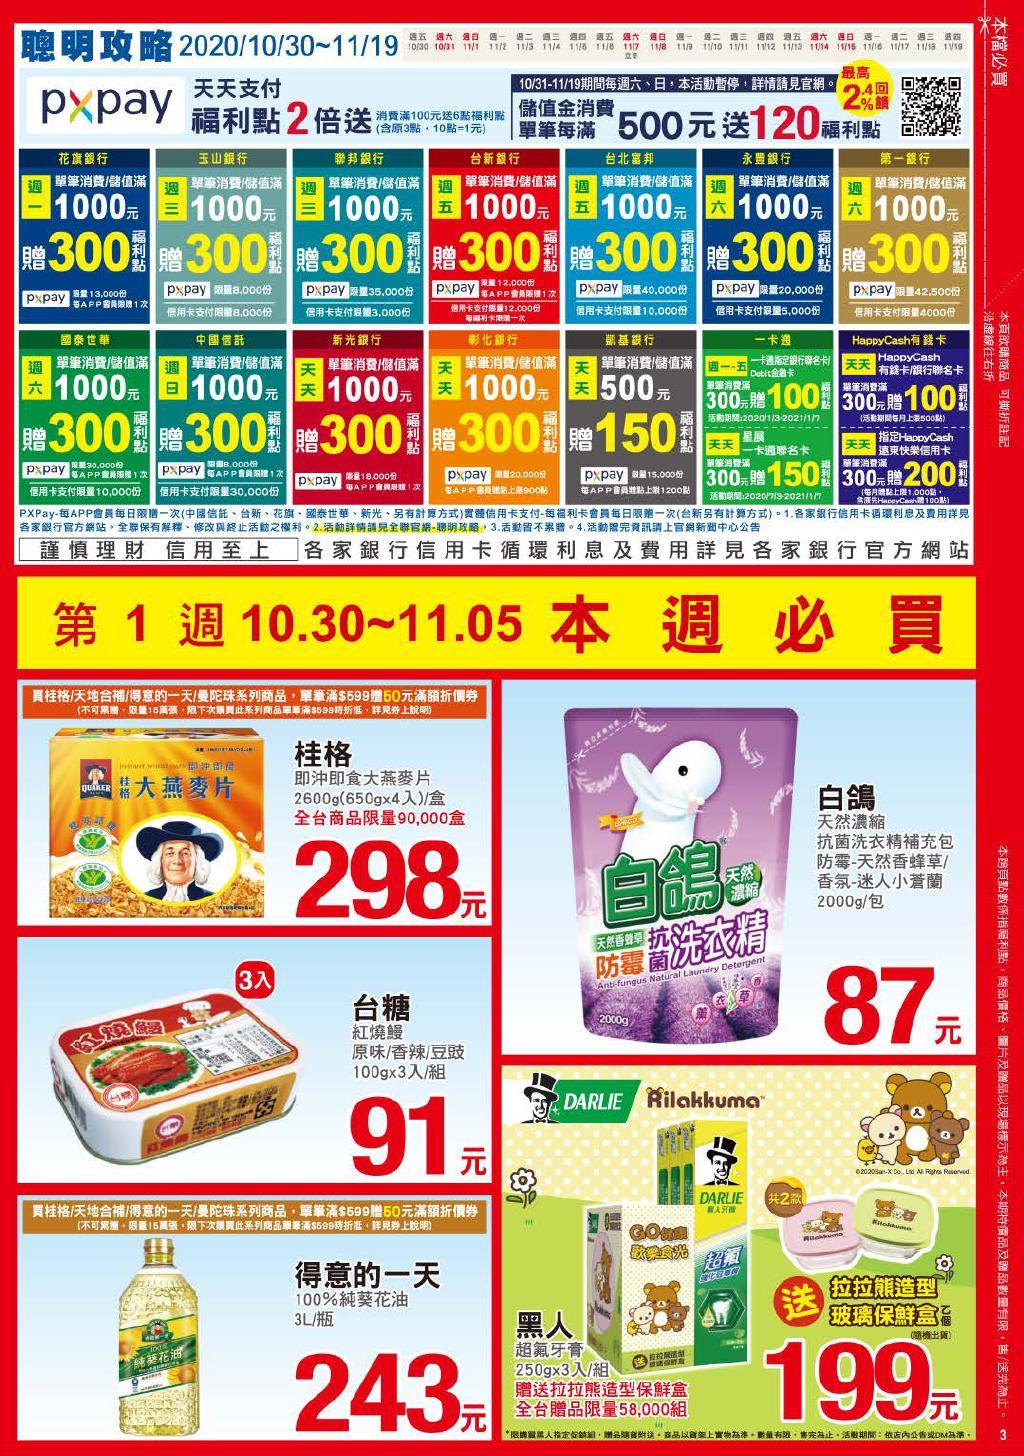 pxmart20201119_000003.jpg